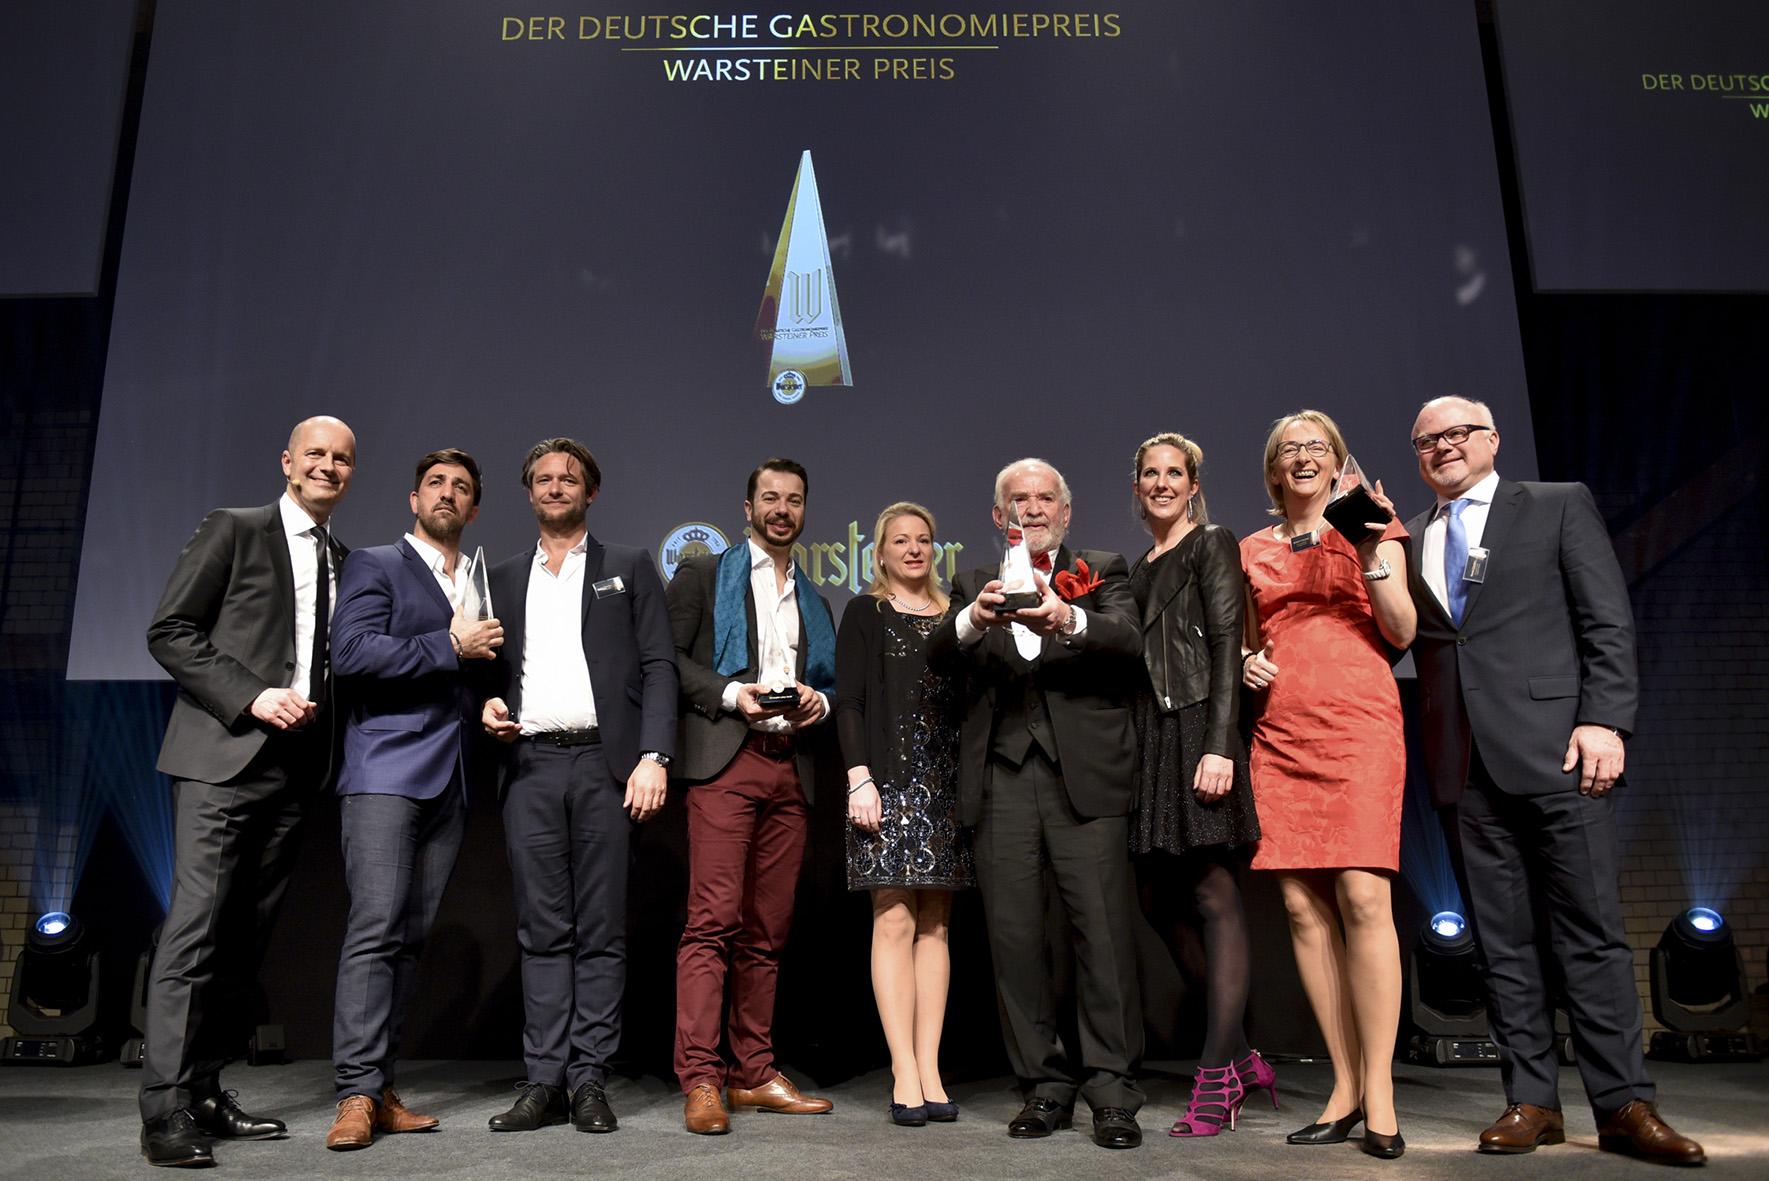 Bernd Glauben beim Deutschen Gastronomiepreis 2017 ausgezeichnet